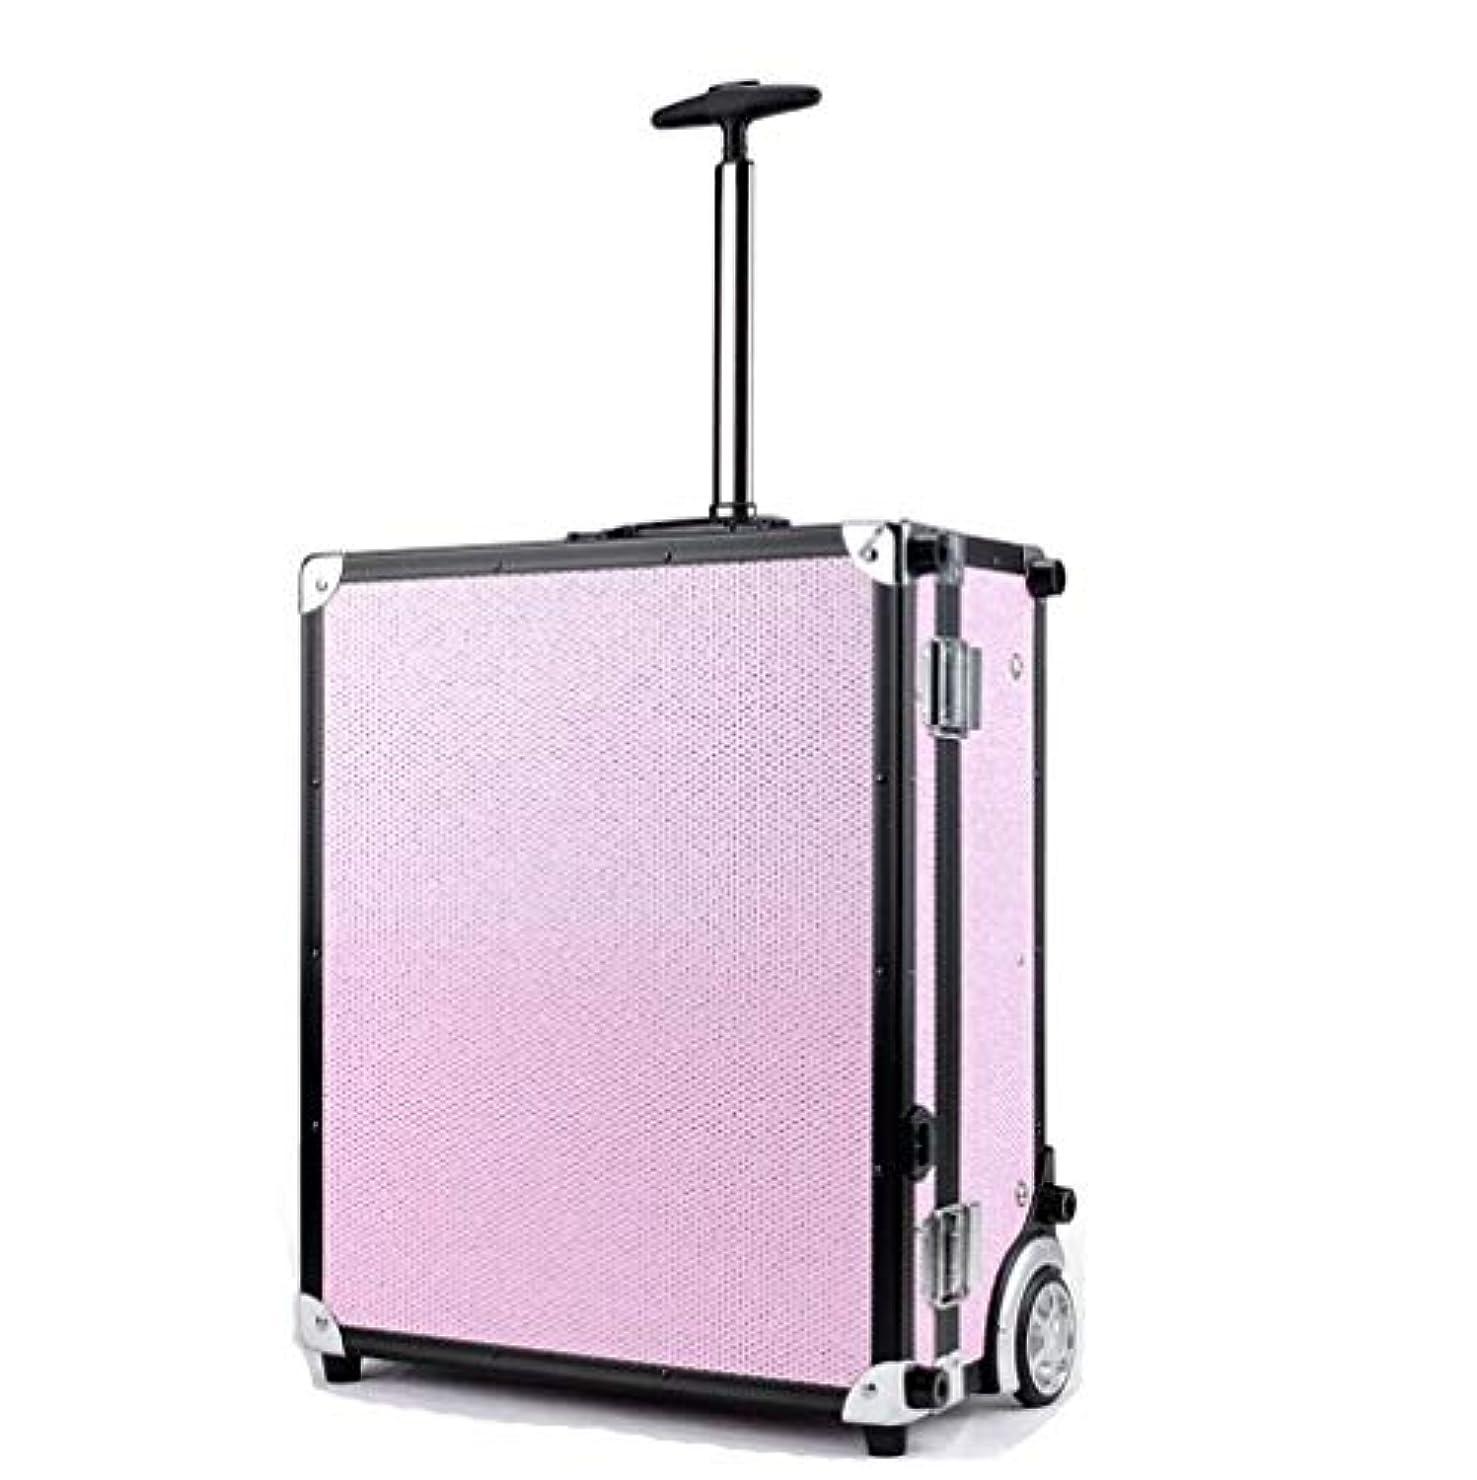 解体する代数的社会学BUMC 化粧トロリーケース、大きい化粧化粧列車、LEDライト付き、ダイヤモンドオーガナイザーボックス収納付きプロフェッショナル多層化粧品ケース